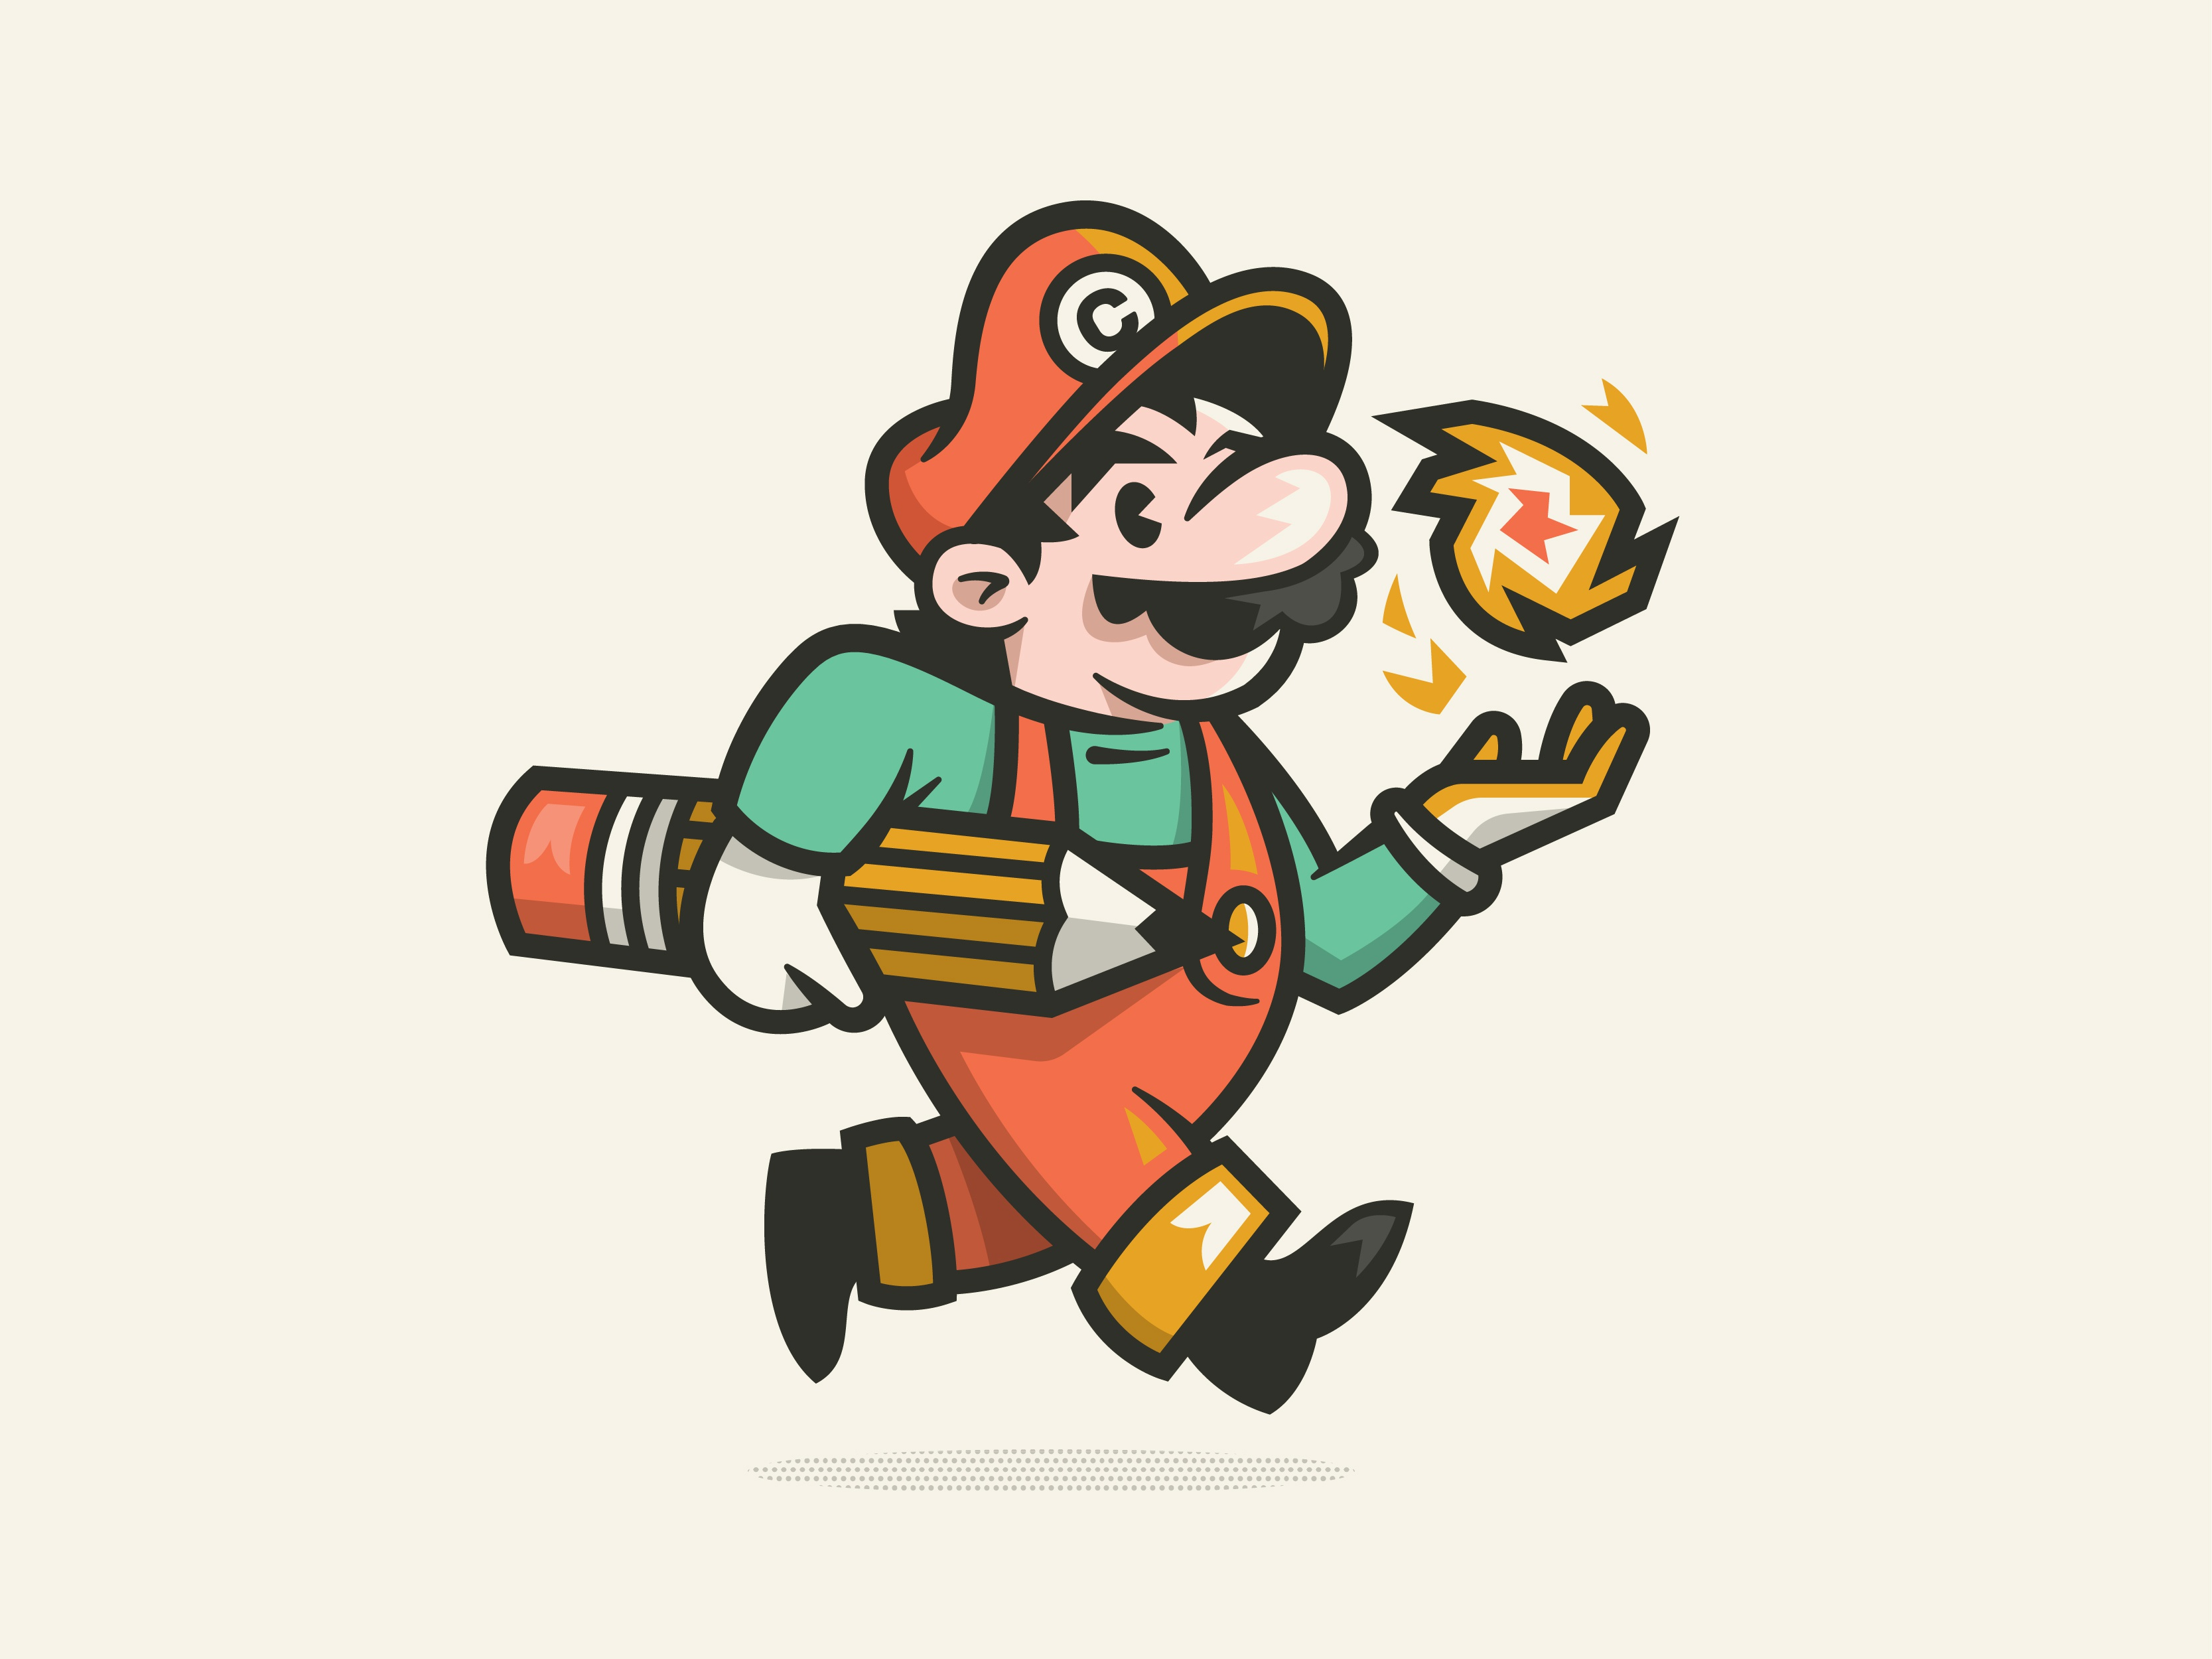 Cs19 mascot 01